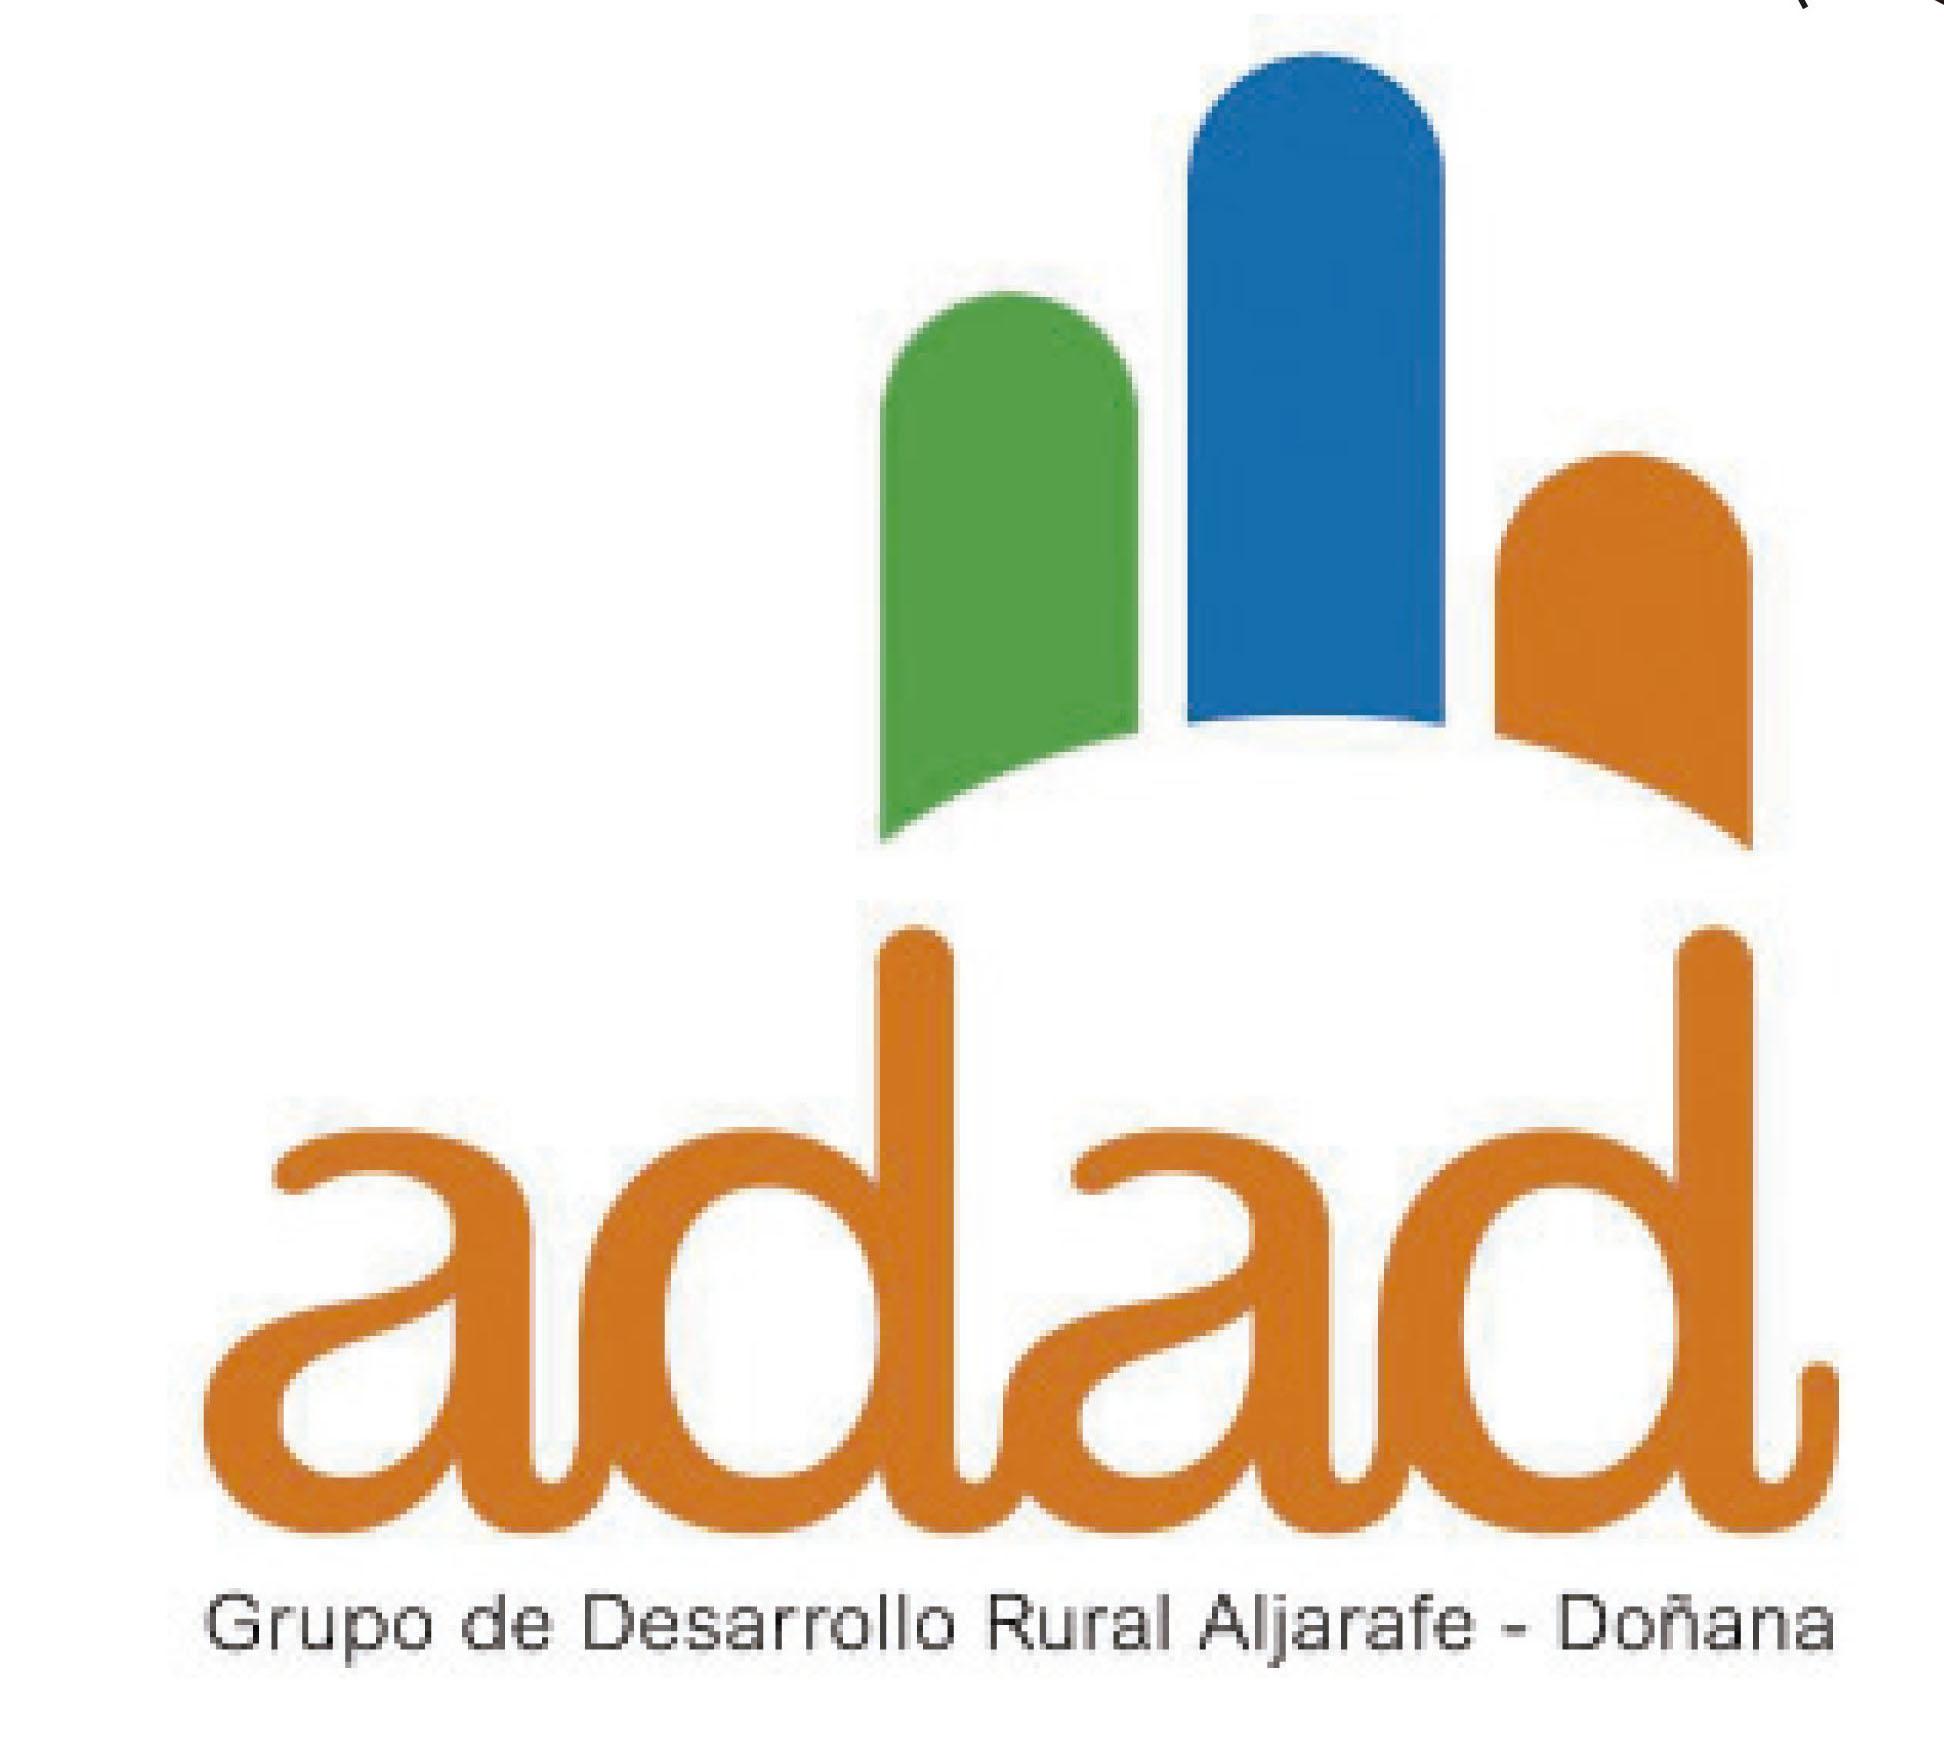 GDR Aljarafe Doñana